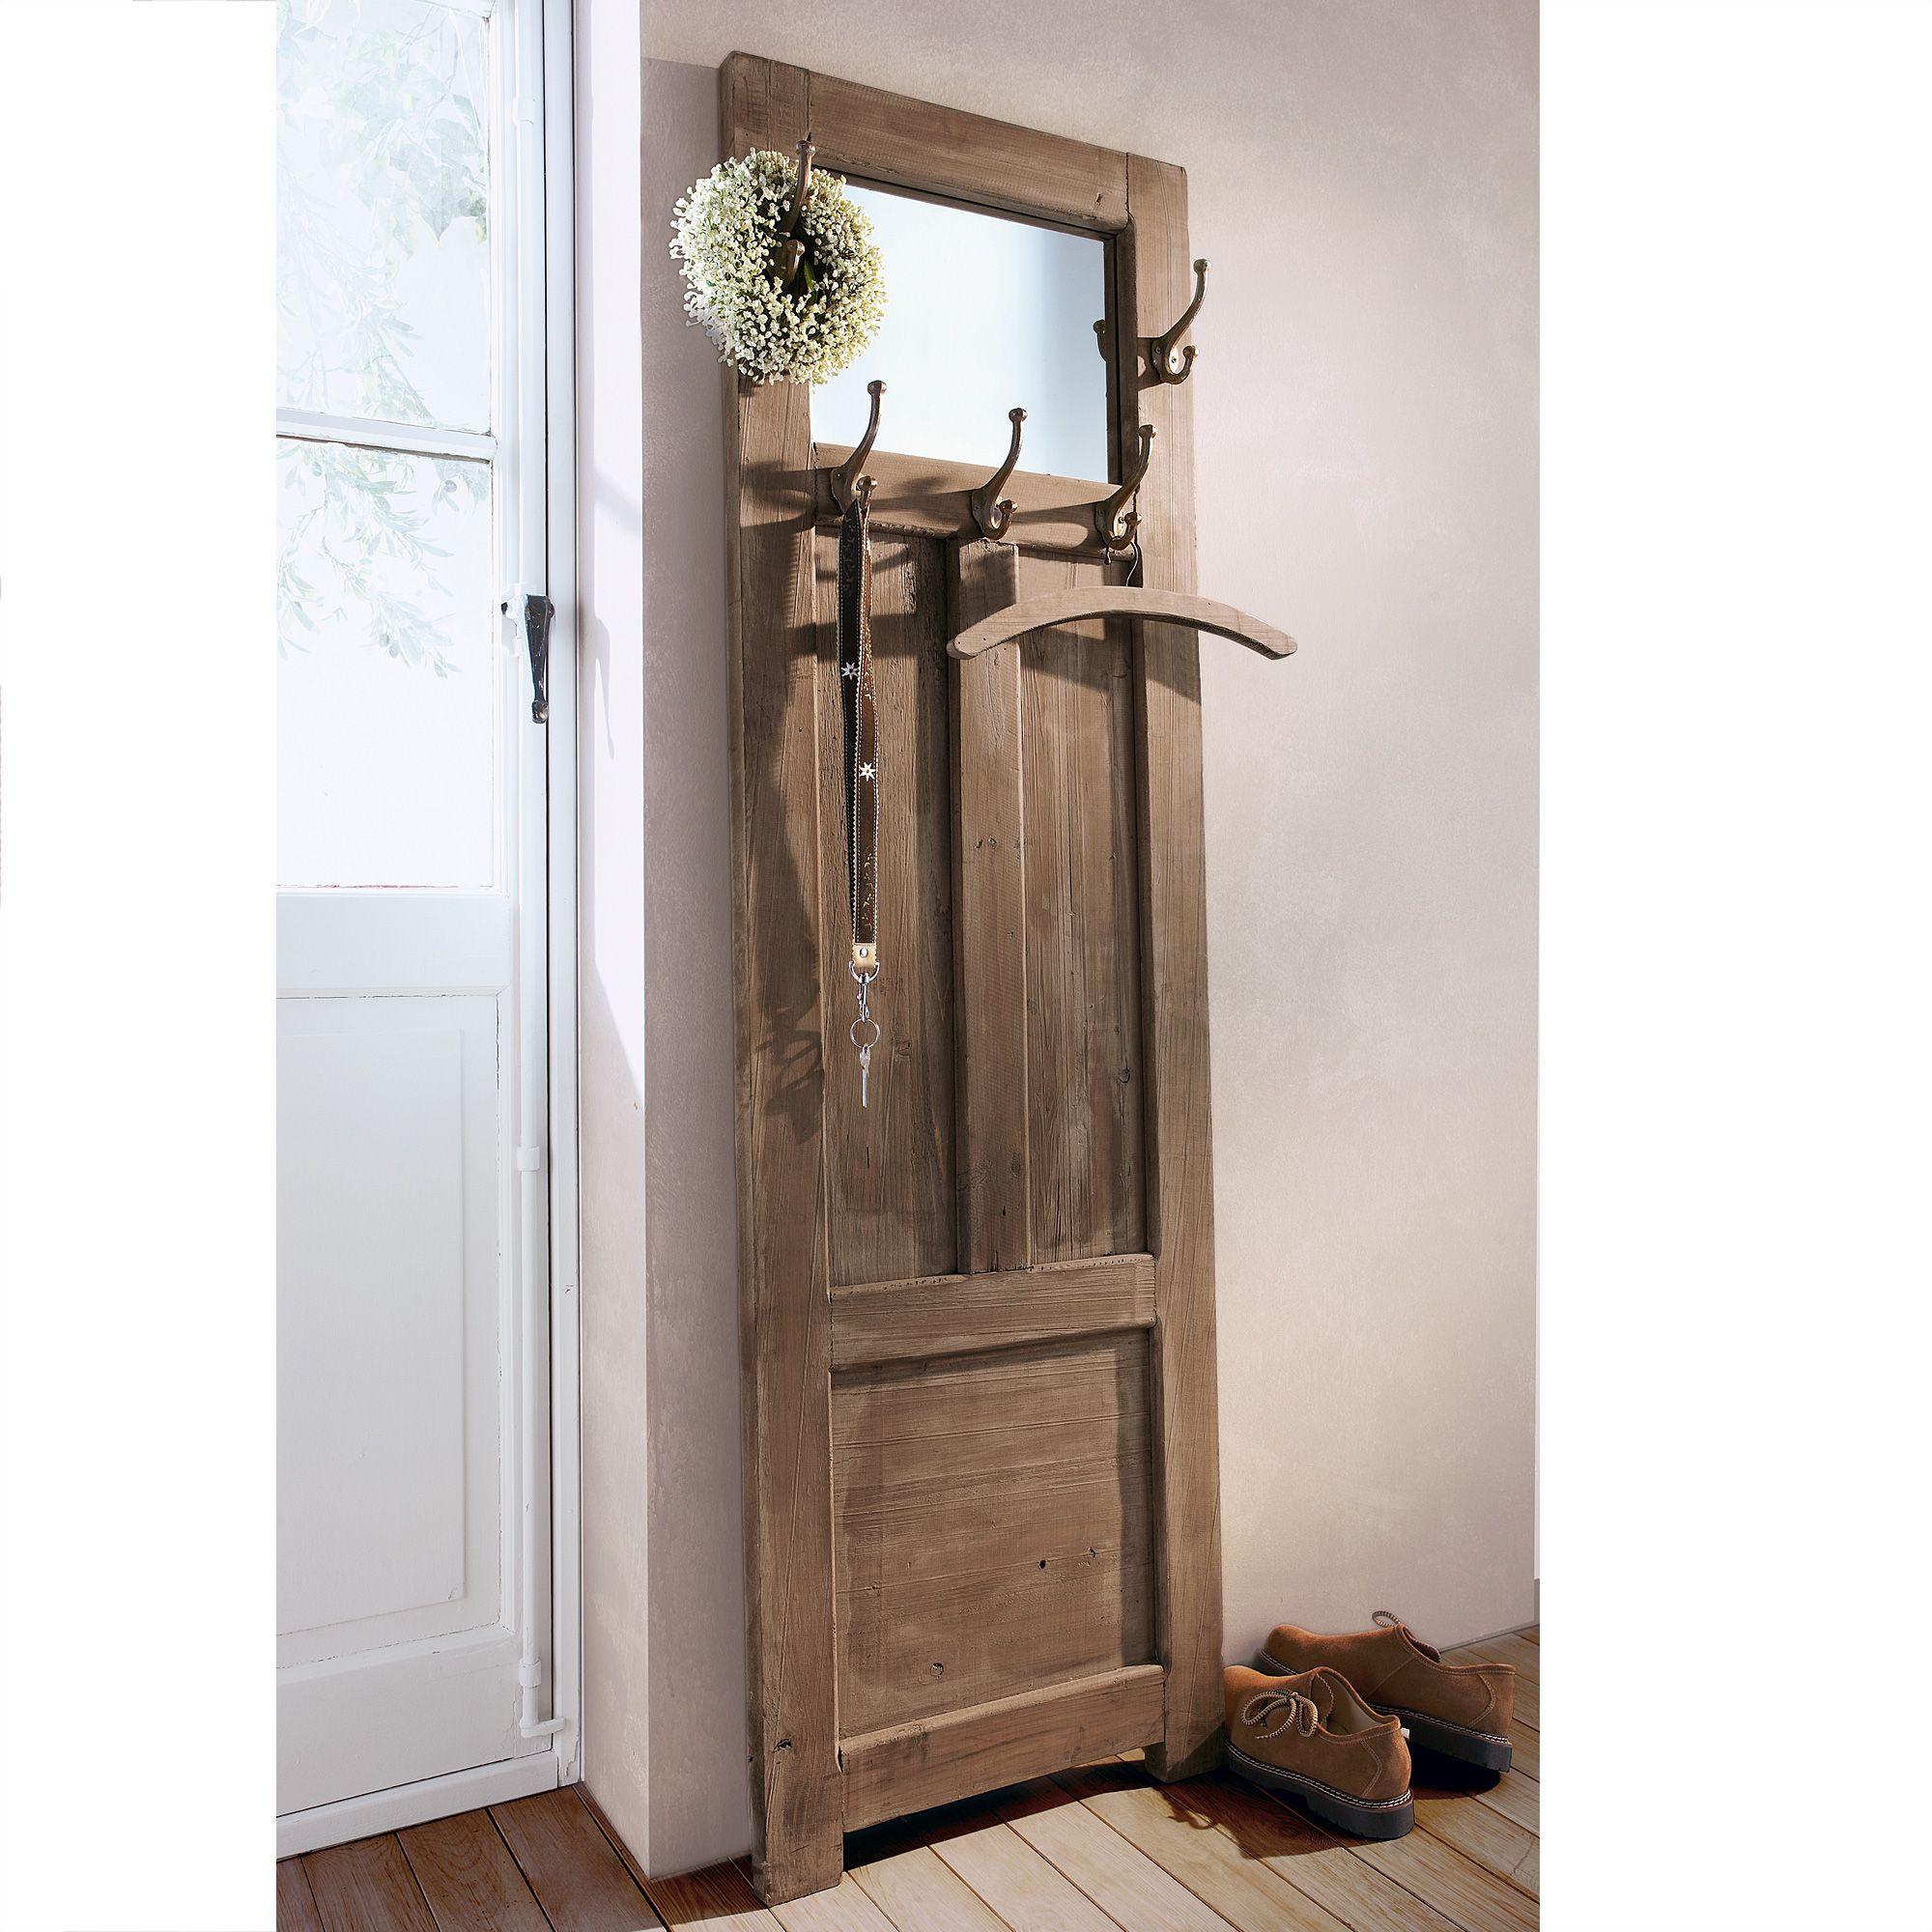 garderobe landhaus im schneider online shop home. Black Bedroom Furniture Sets. Home Design Ideas